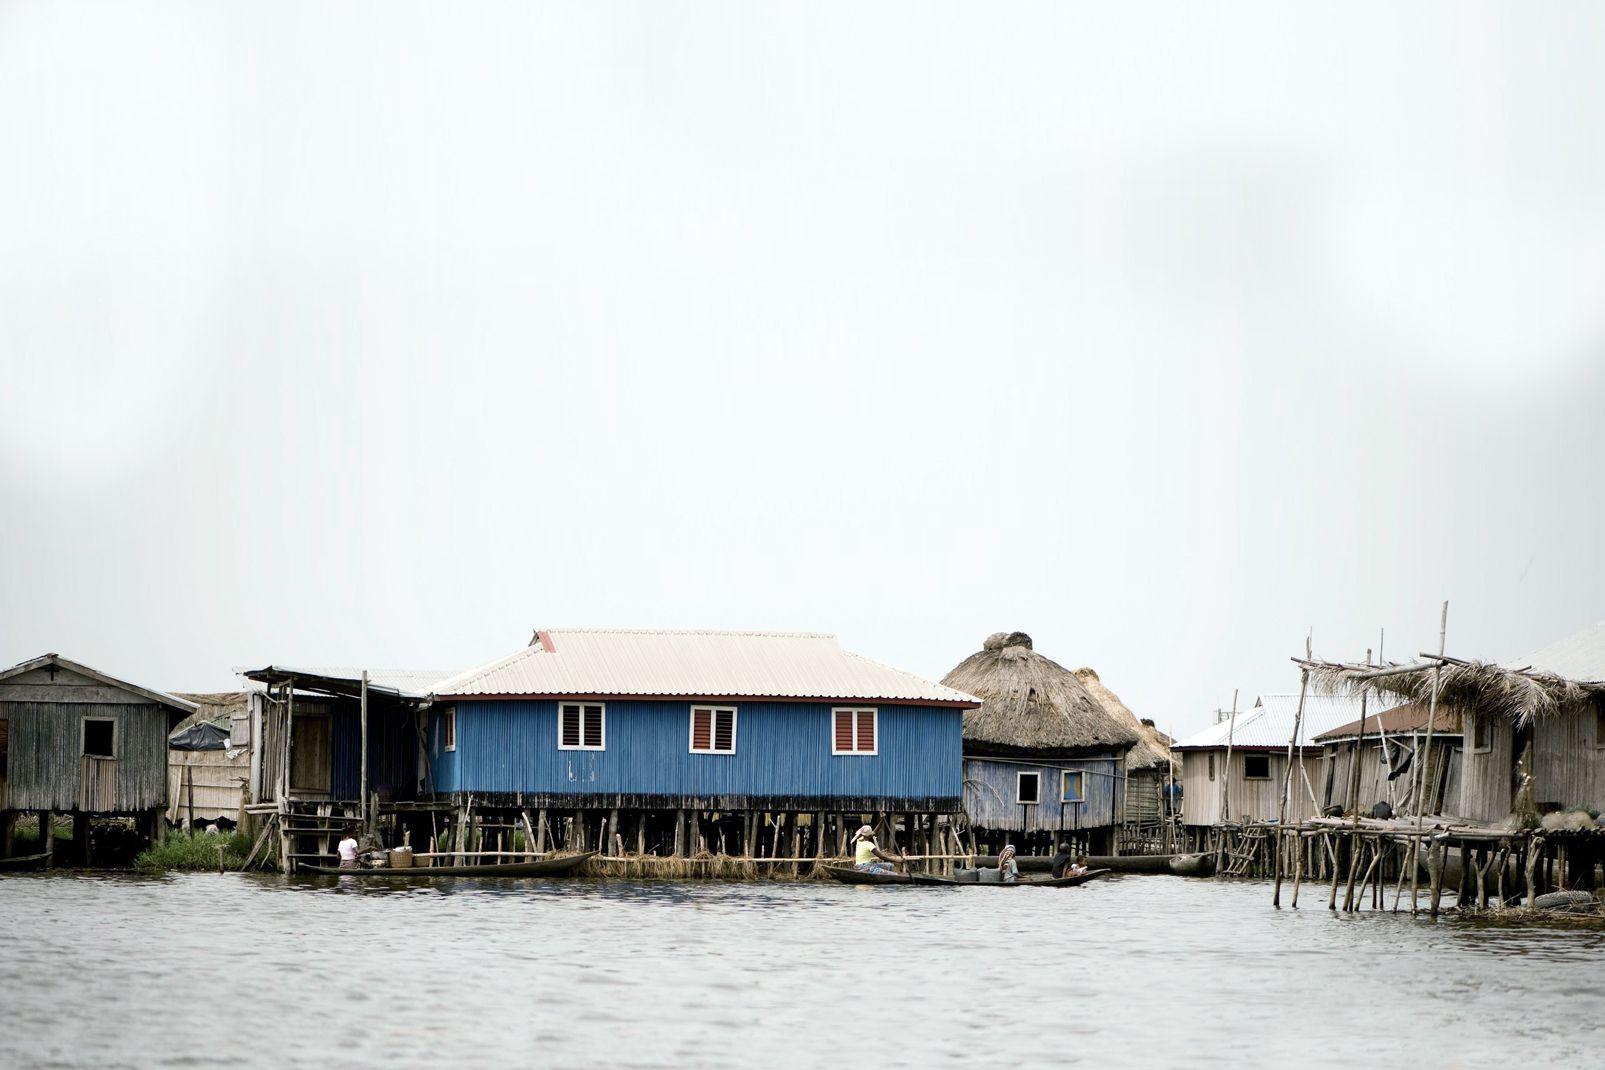 Afrique, Bénin, Stilt, Ganvié, Village, Maison, eau